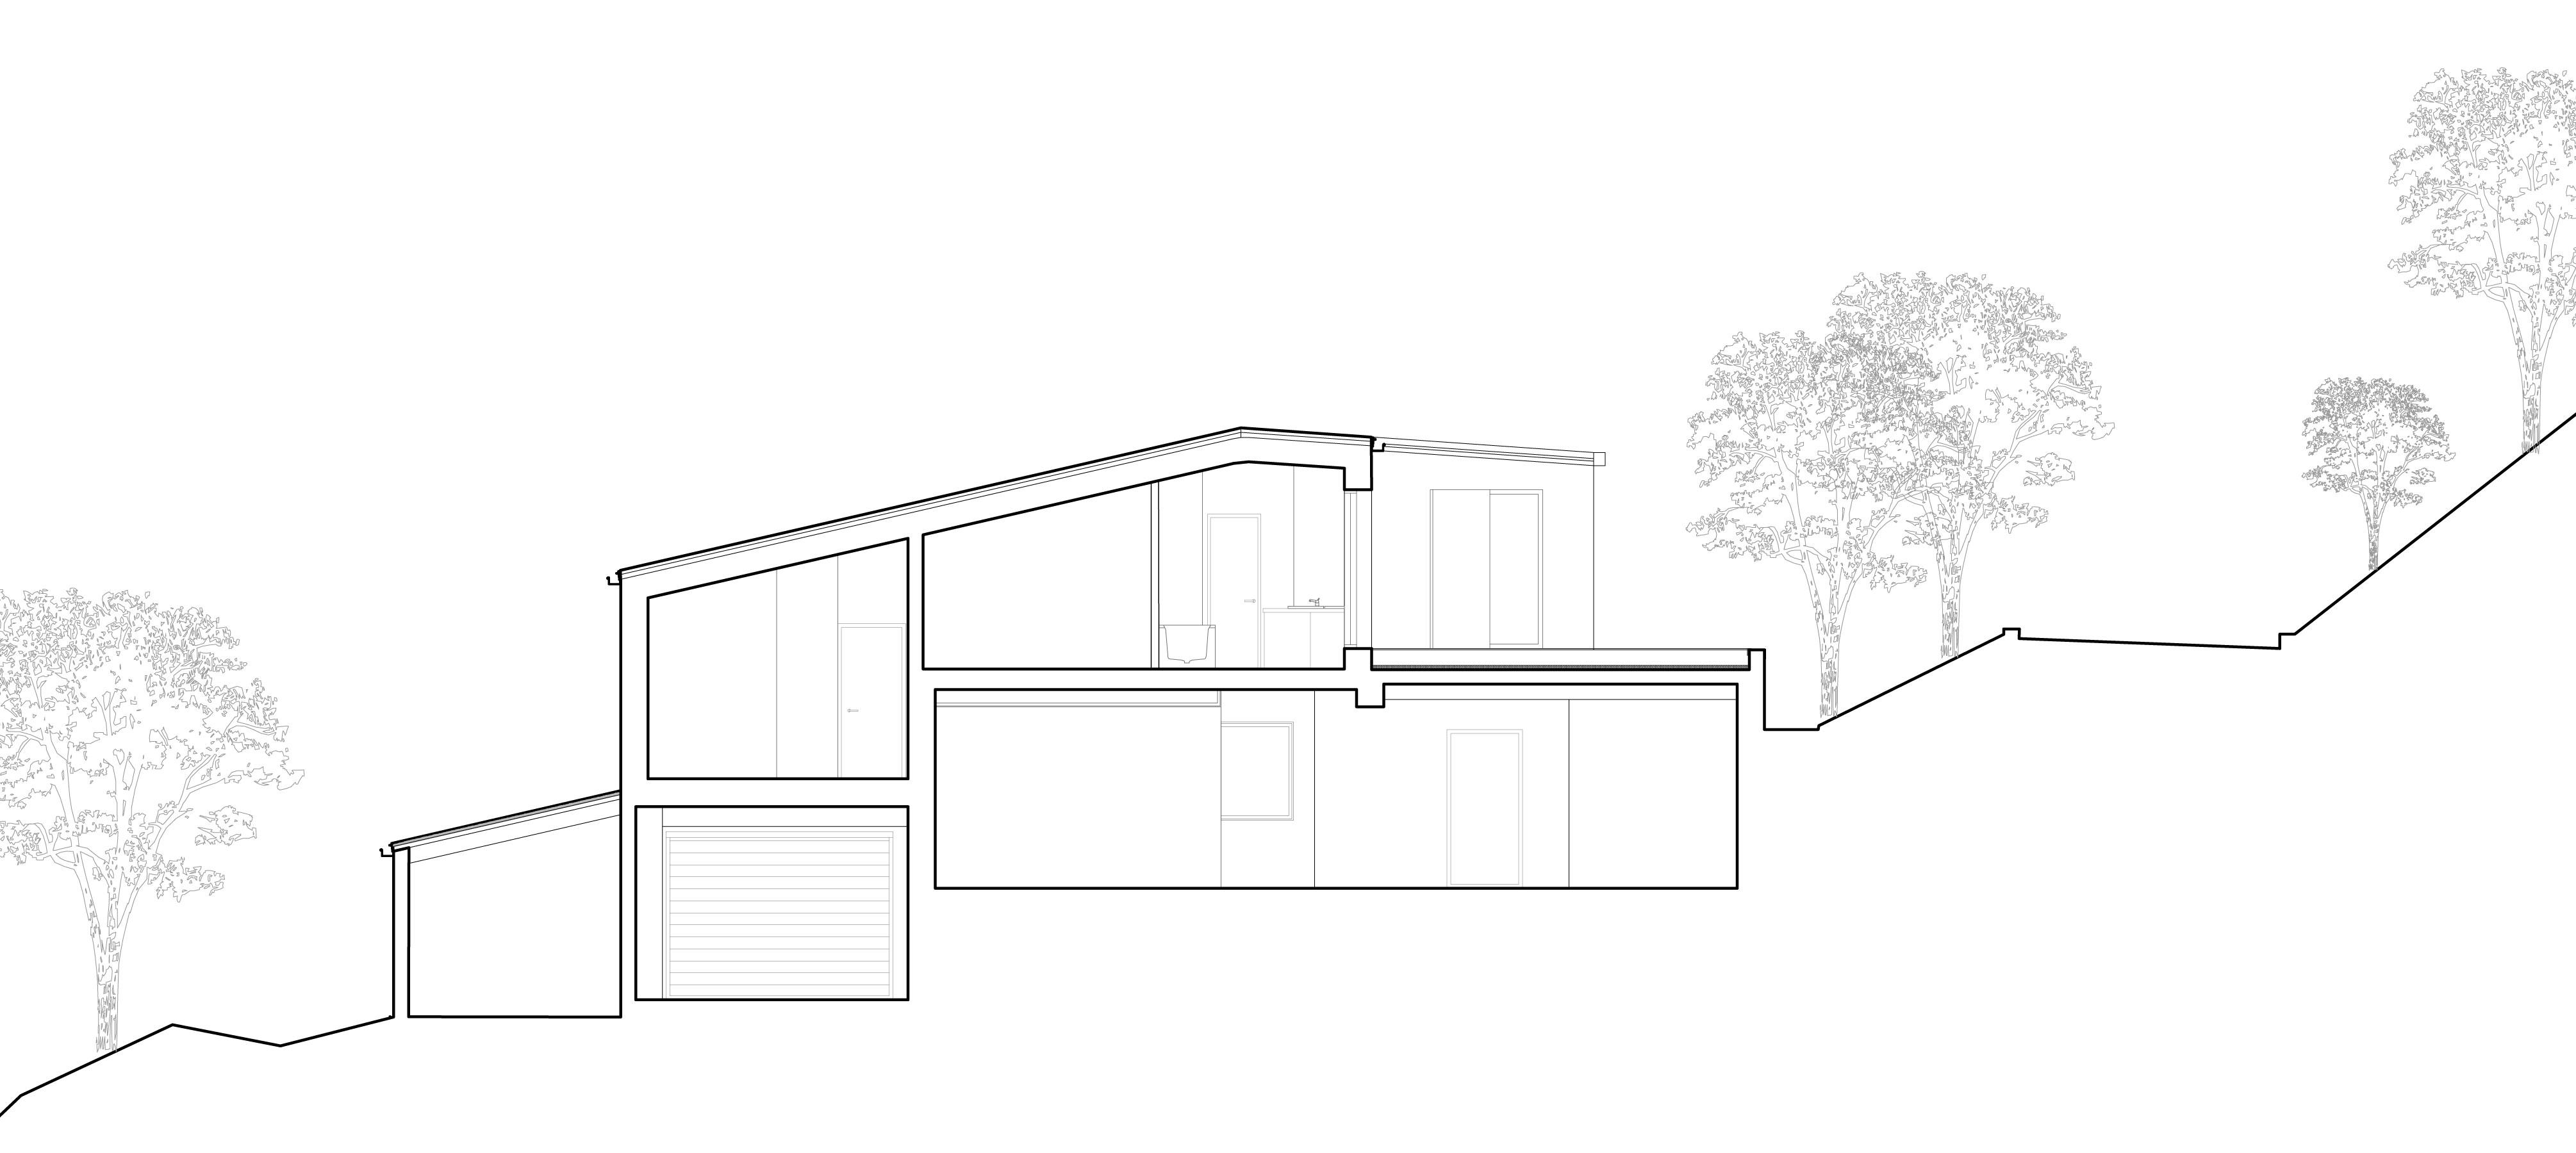 La coupe de la maison MRV à Toulouse permet de visualiser l'intégration de la maison dans la pente et l'implantation des demi niveaux.